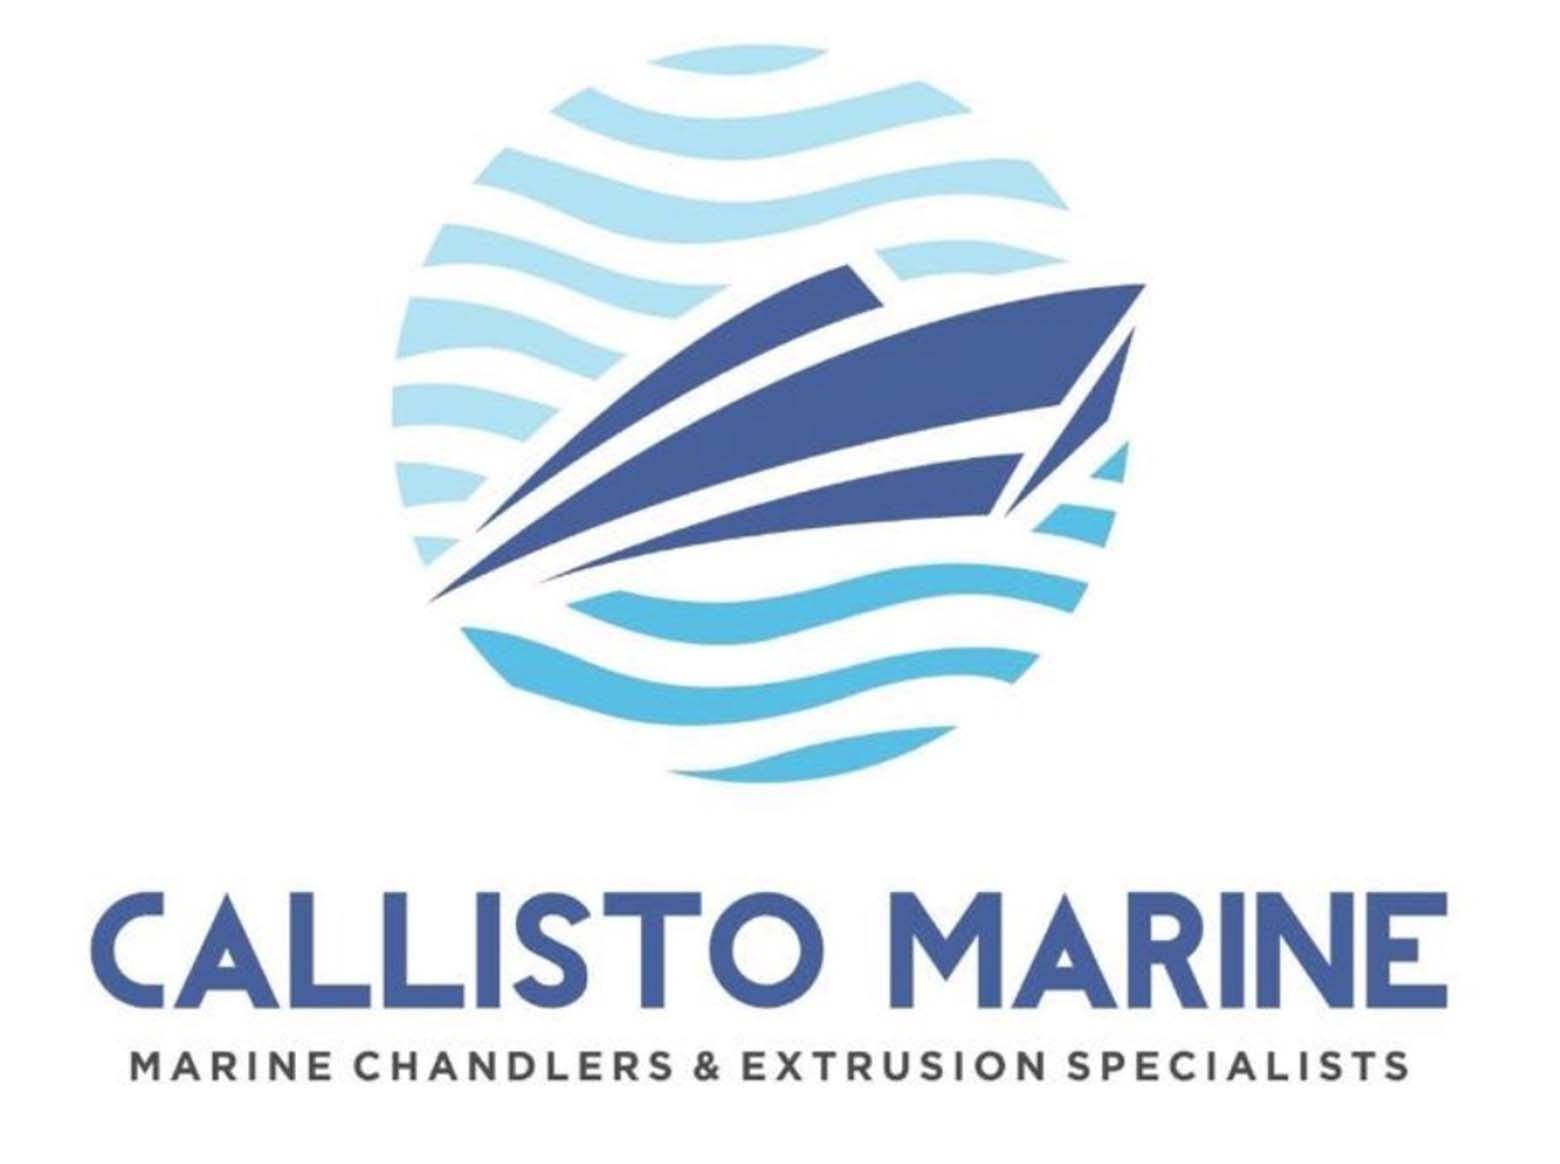 Callisto Marine